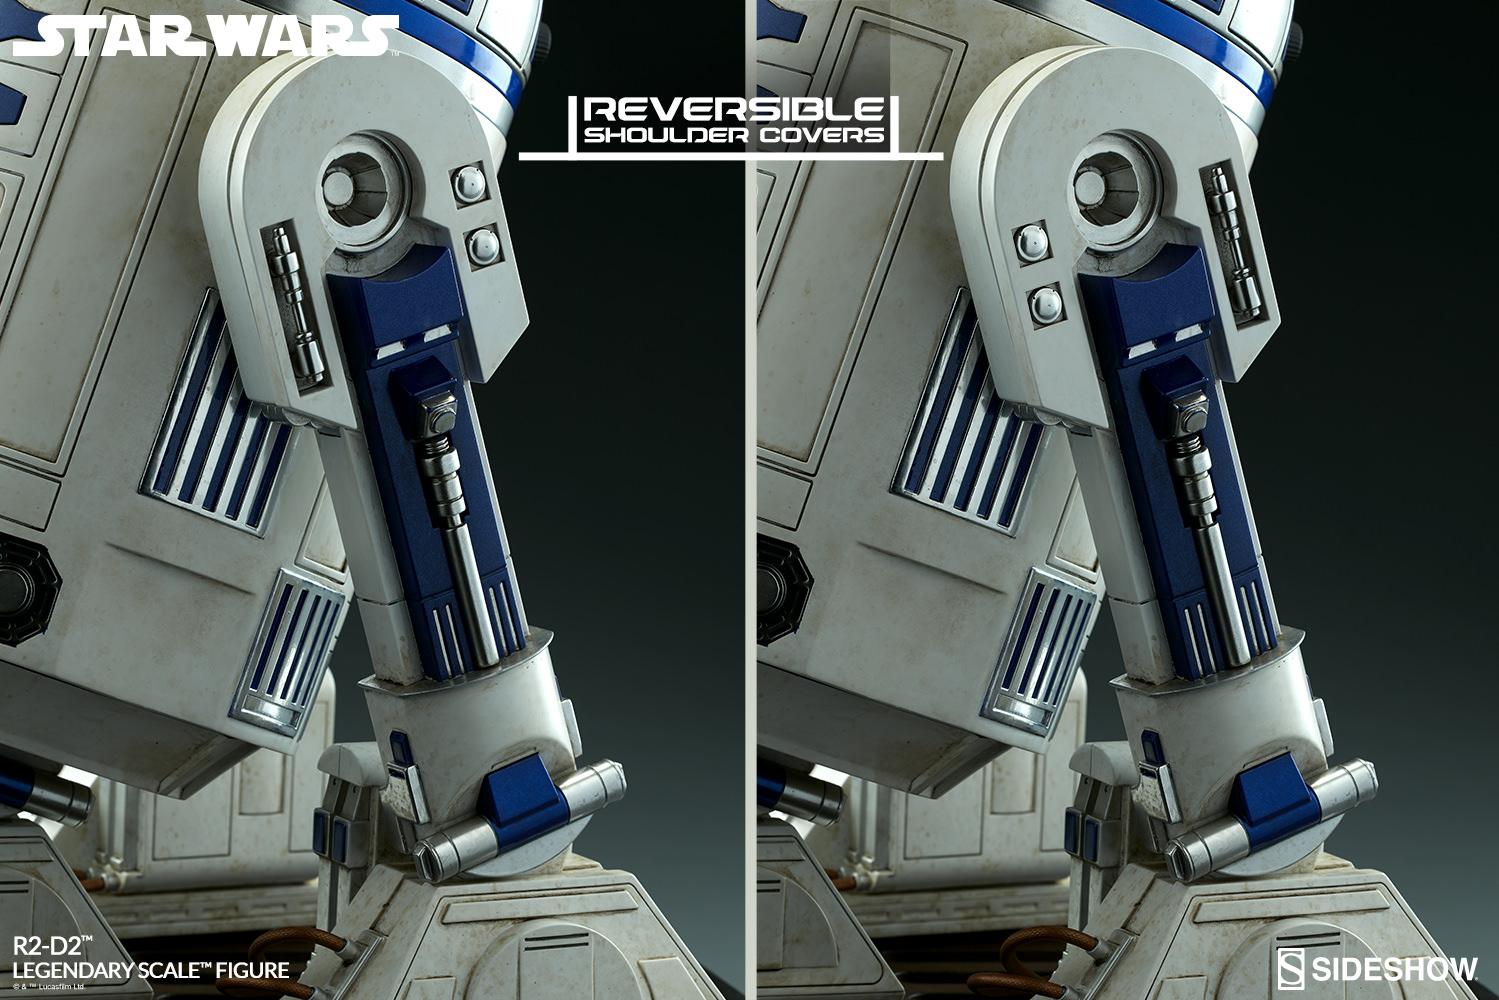 STAR WARS: R2-D2 Legendary scale figure Star-wars-r2-d2-legendary-scale-400155-15